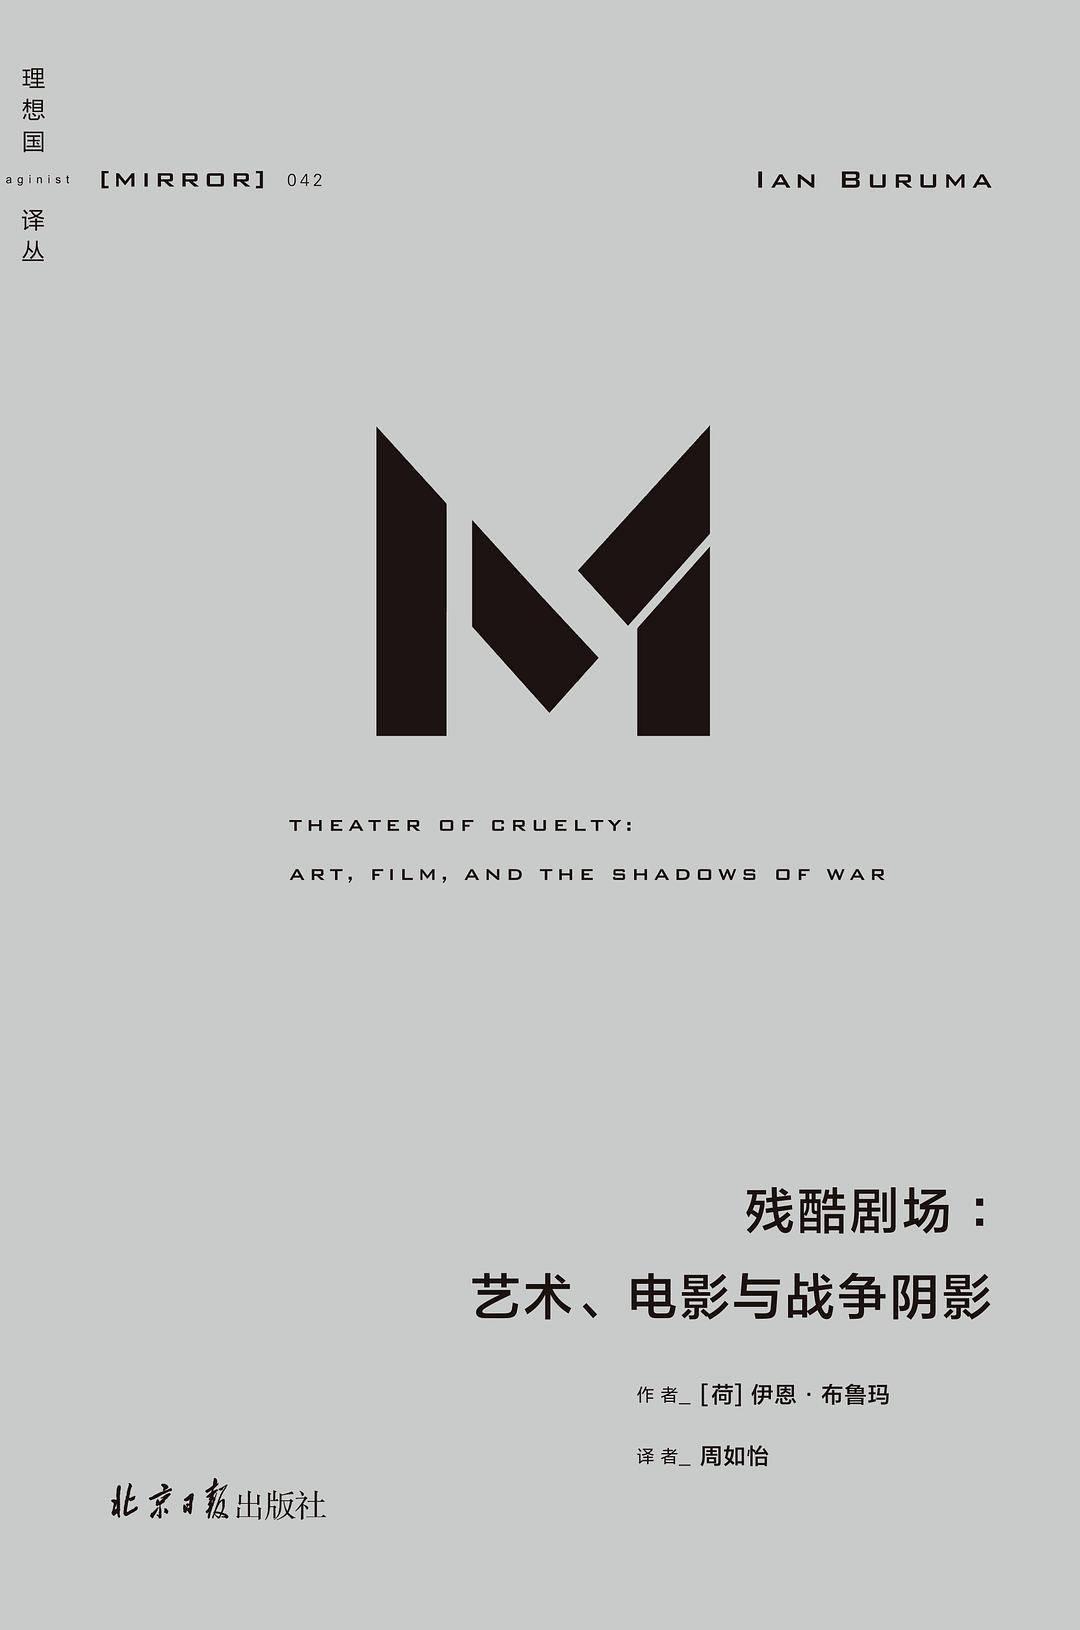 李公明 | 一周书记:残酷剧场中的……理想与历史真相